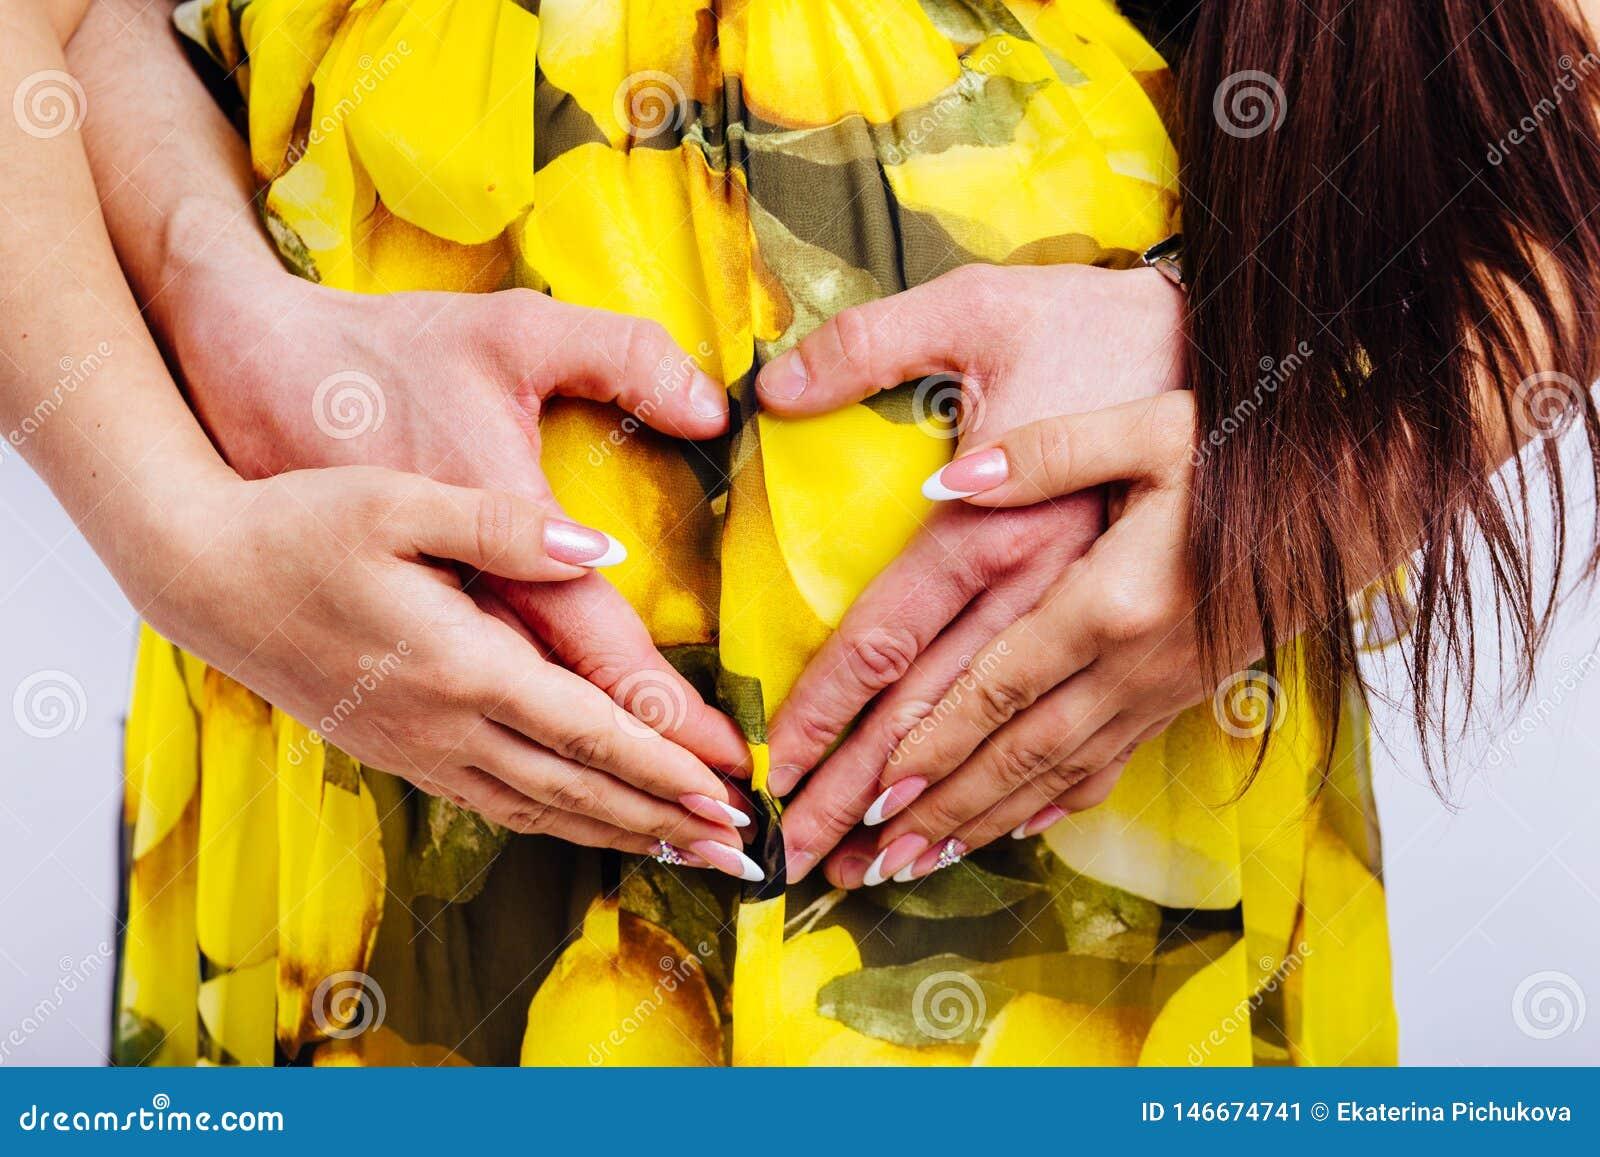 Hart van de handen op de buik van een zwangere vrouw worden gevouwen die